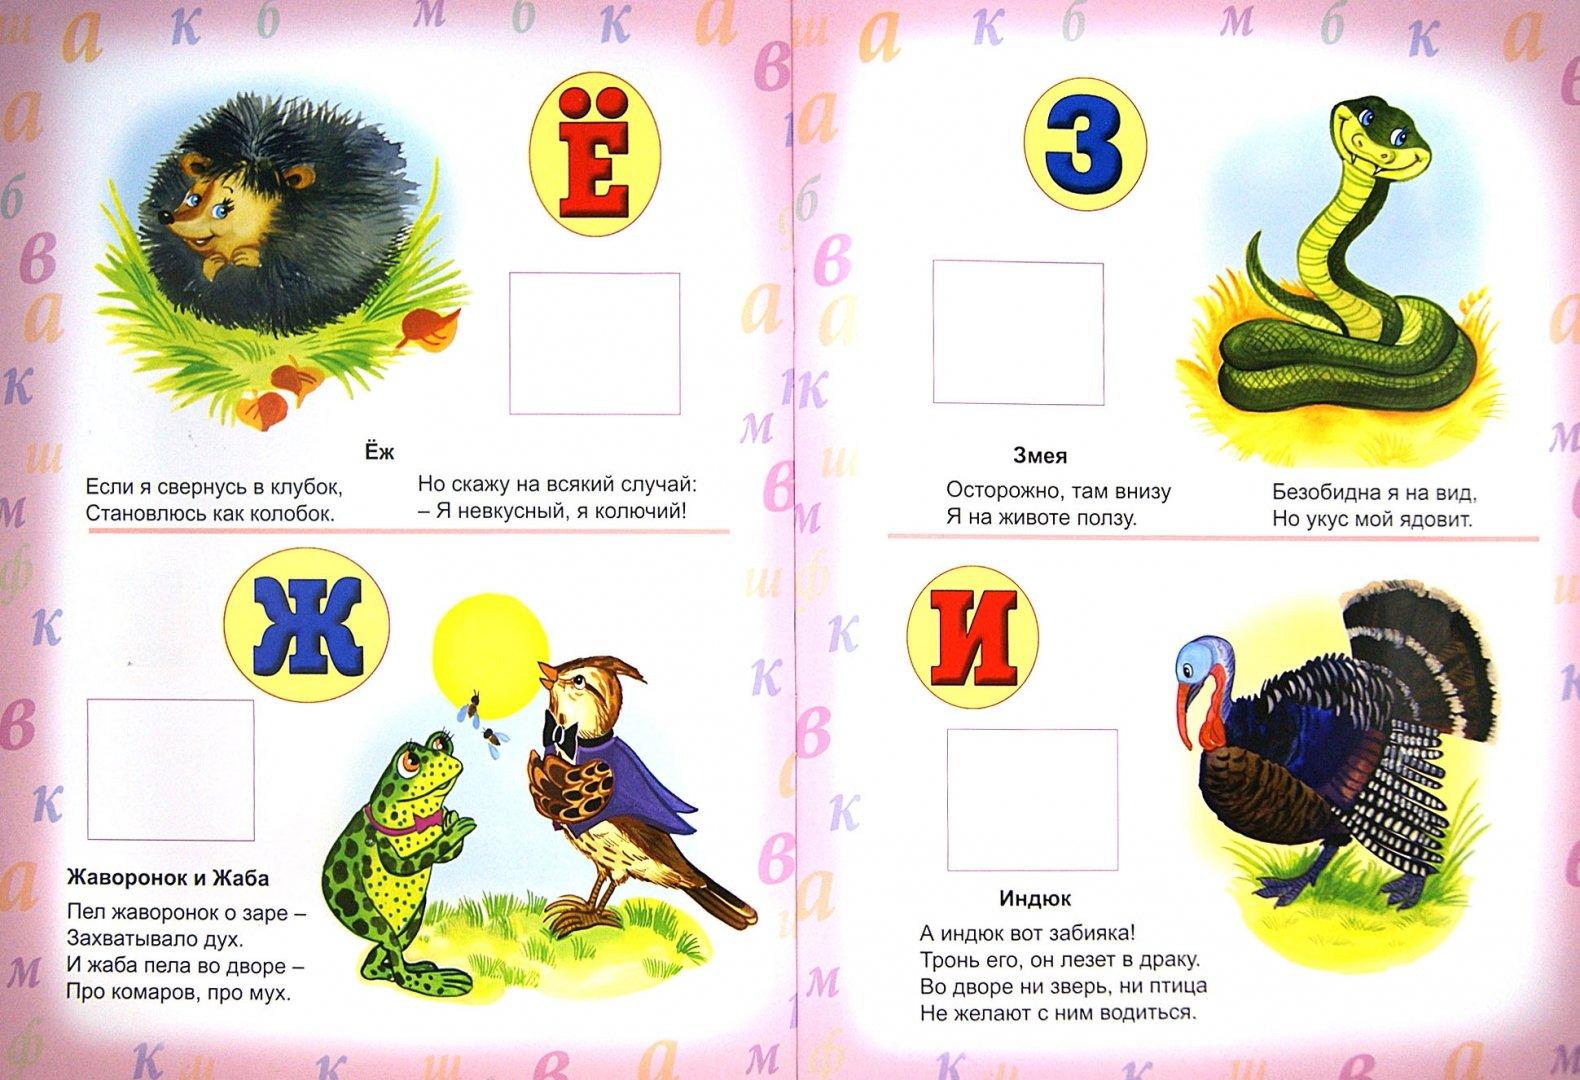 Иллюстрация 1 из 6 для Азбука в картинках - Татьяна Коваль   Лабиринт - книги. Источник: Лабиринт